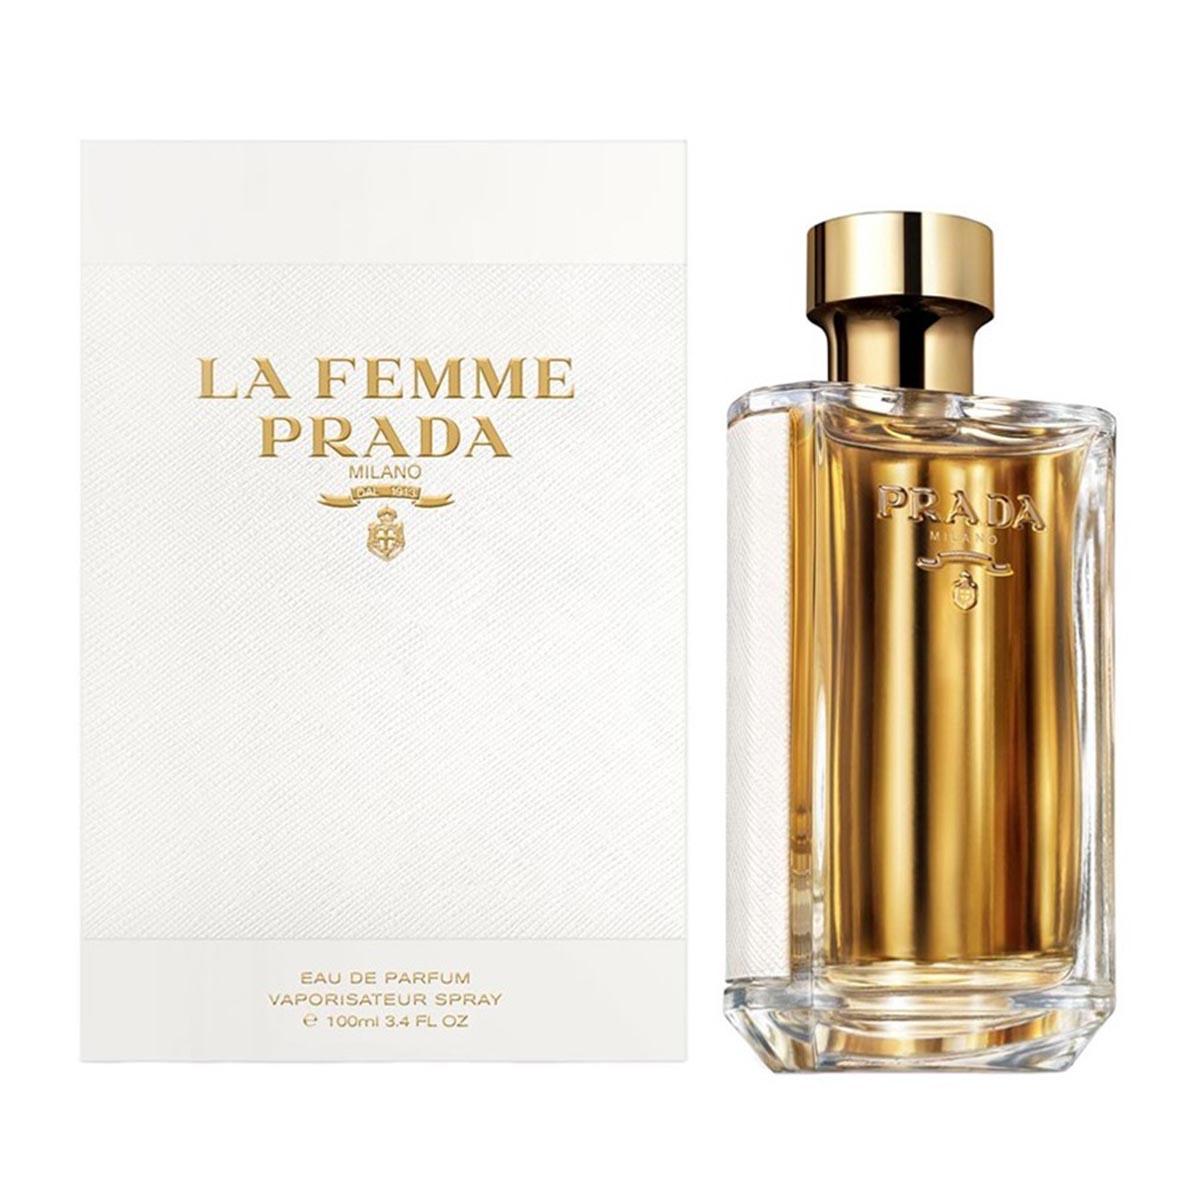 Prada la femme prada eau de parfum 100ml vaporizador